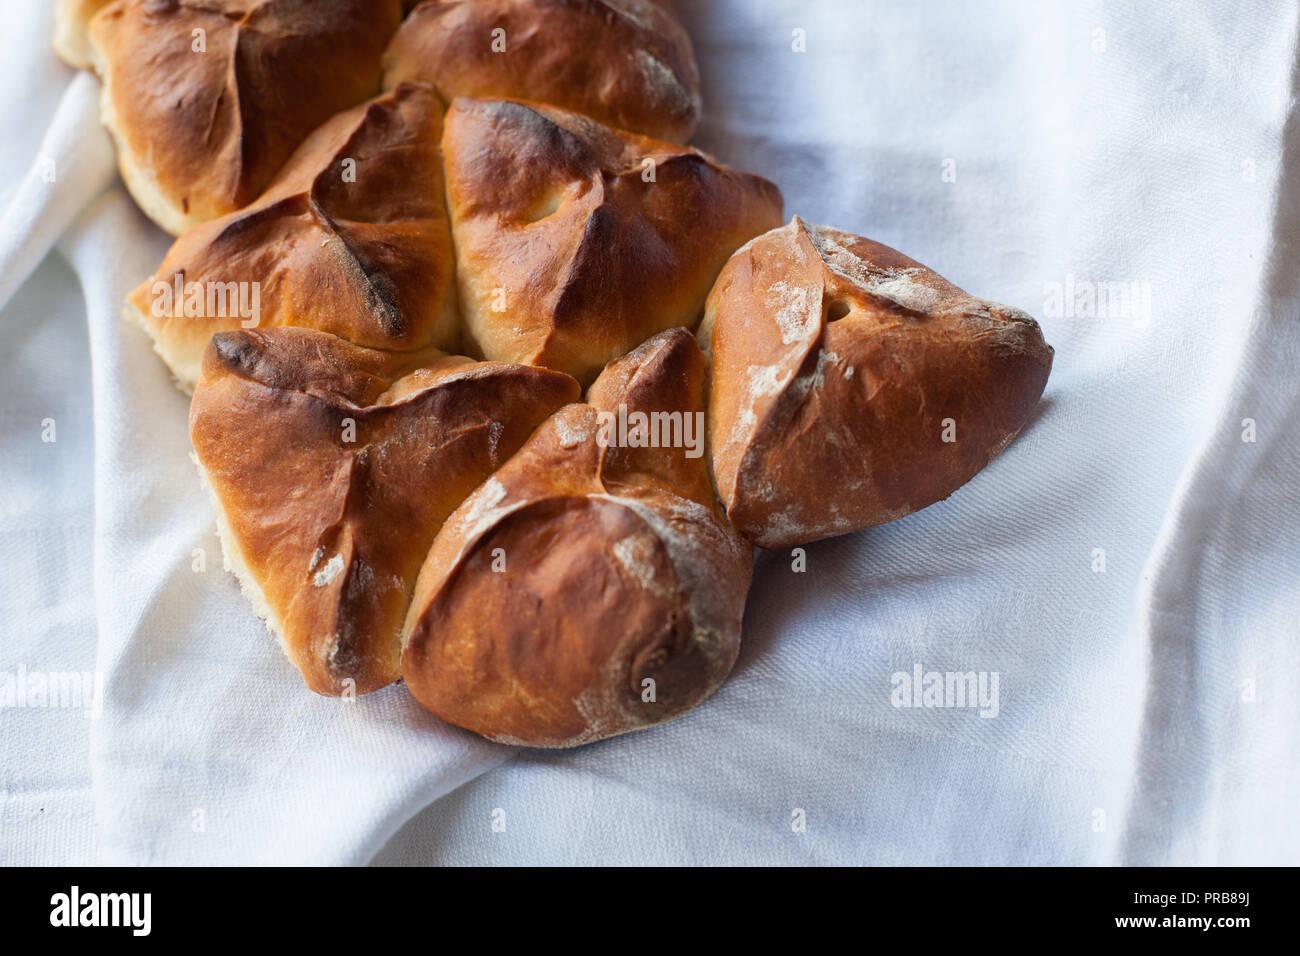 Frischen hausgemachten süßen Kuchen mit Hüttenkäse. Gebäck Stockbild